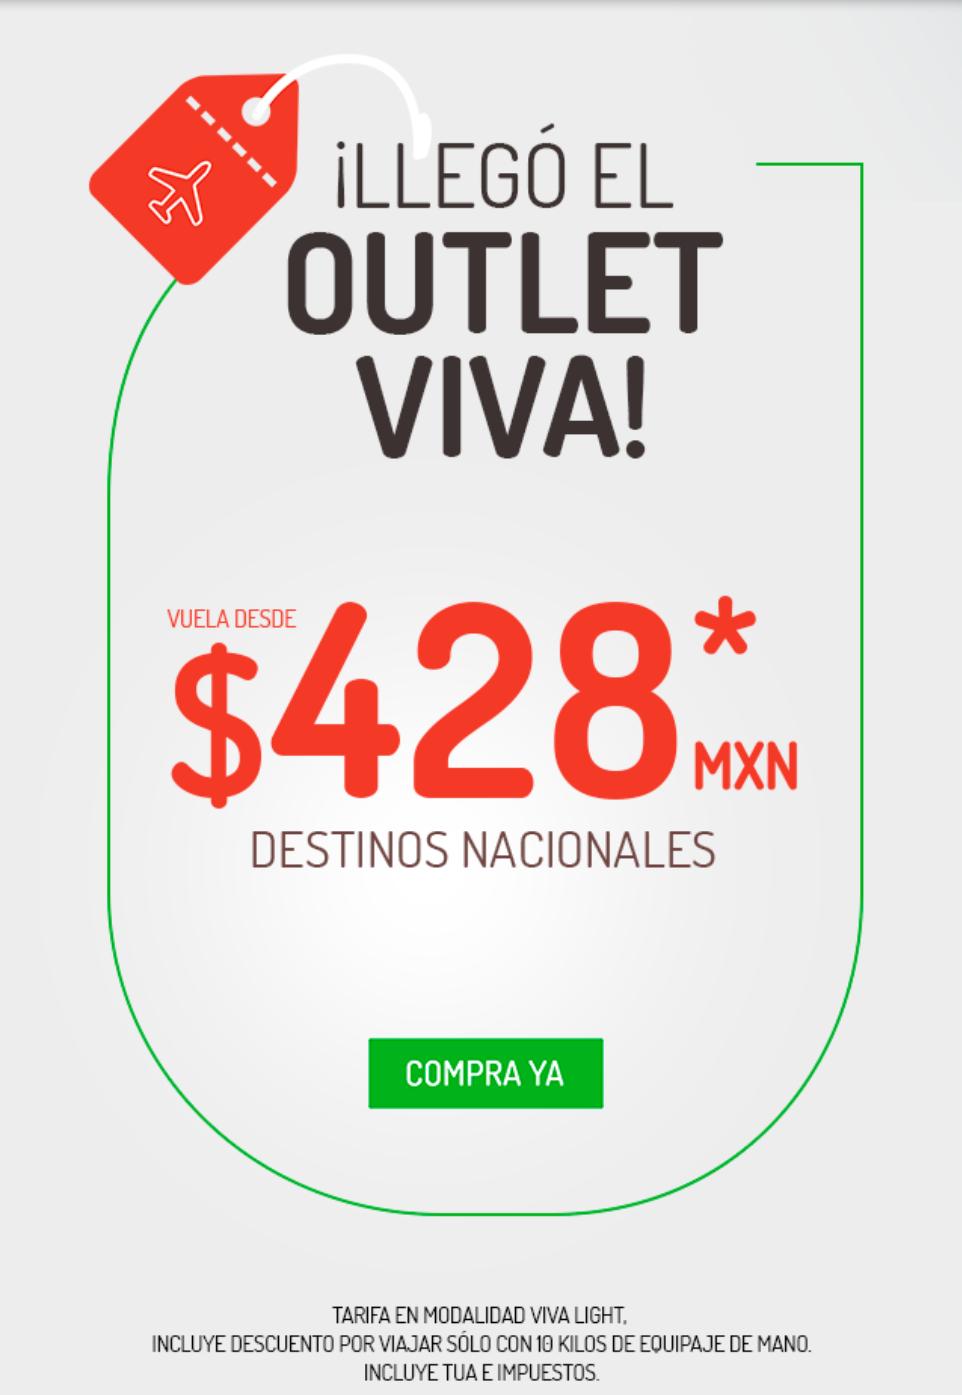 VivaAerobus: Outlet Viva: Vuelos nacionales sencillos de Marzo a Junio desde $428 en VivaLight comprando del Lunes 11 al Domingo 17 de Marzo